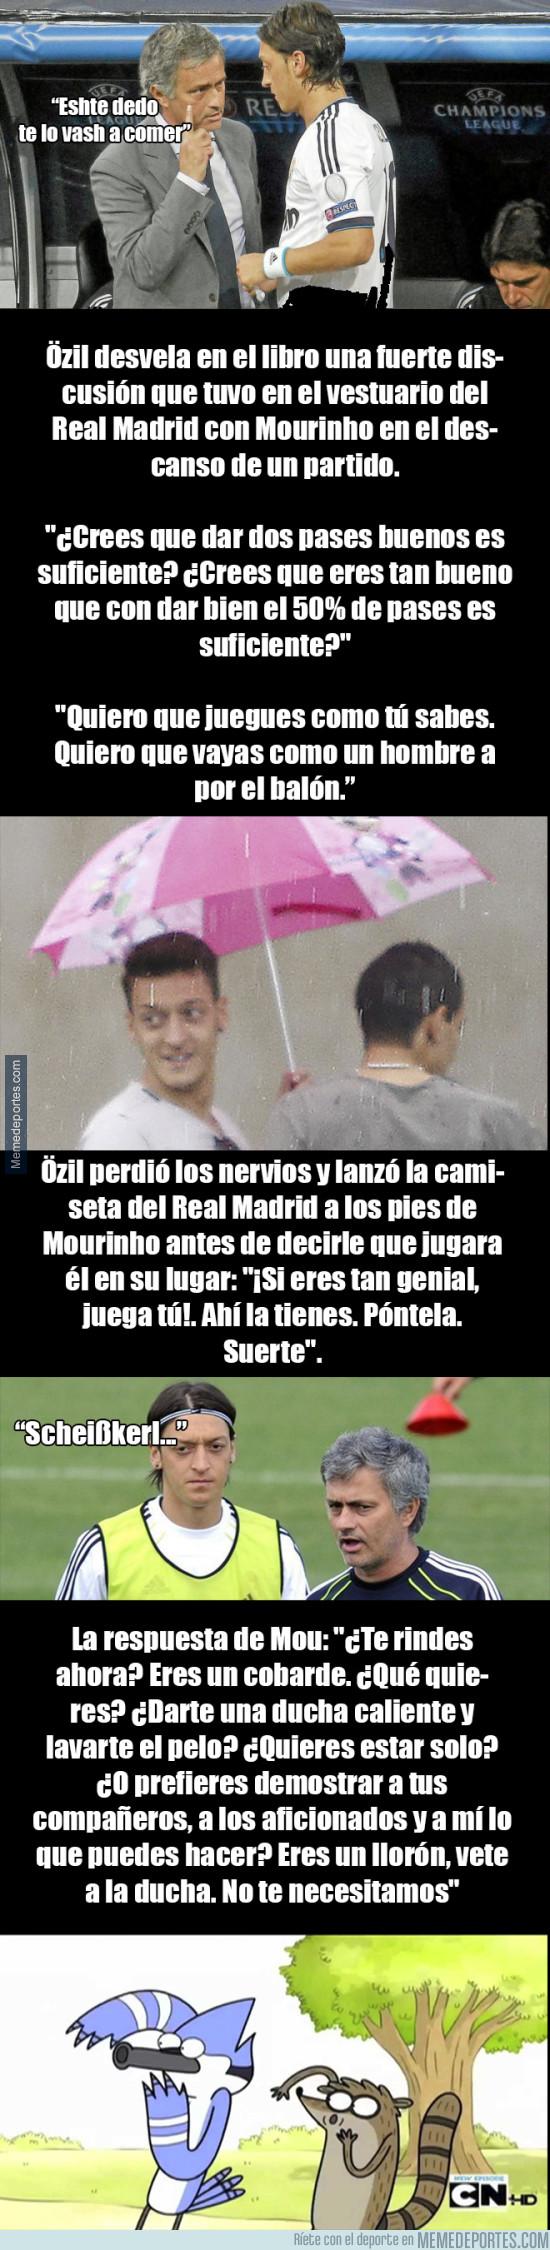 953203 - La gran pelea entre Özil y Mourinho en el vestuario del Real Madrid que narra el alemán en su libr